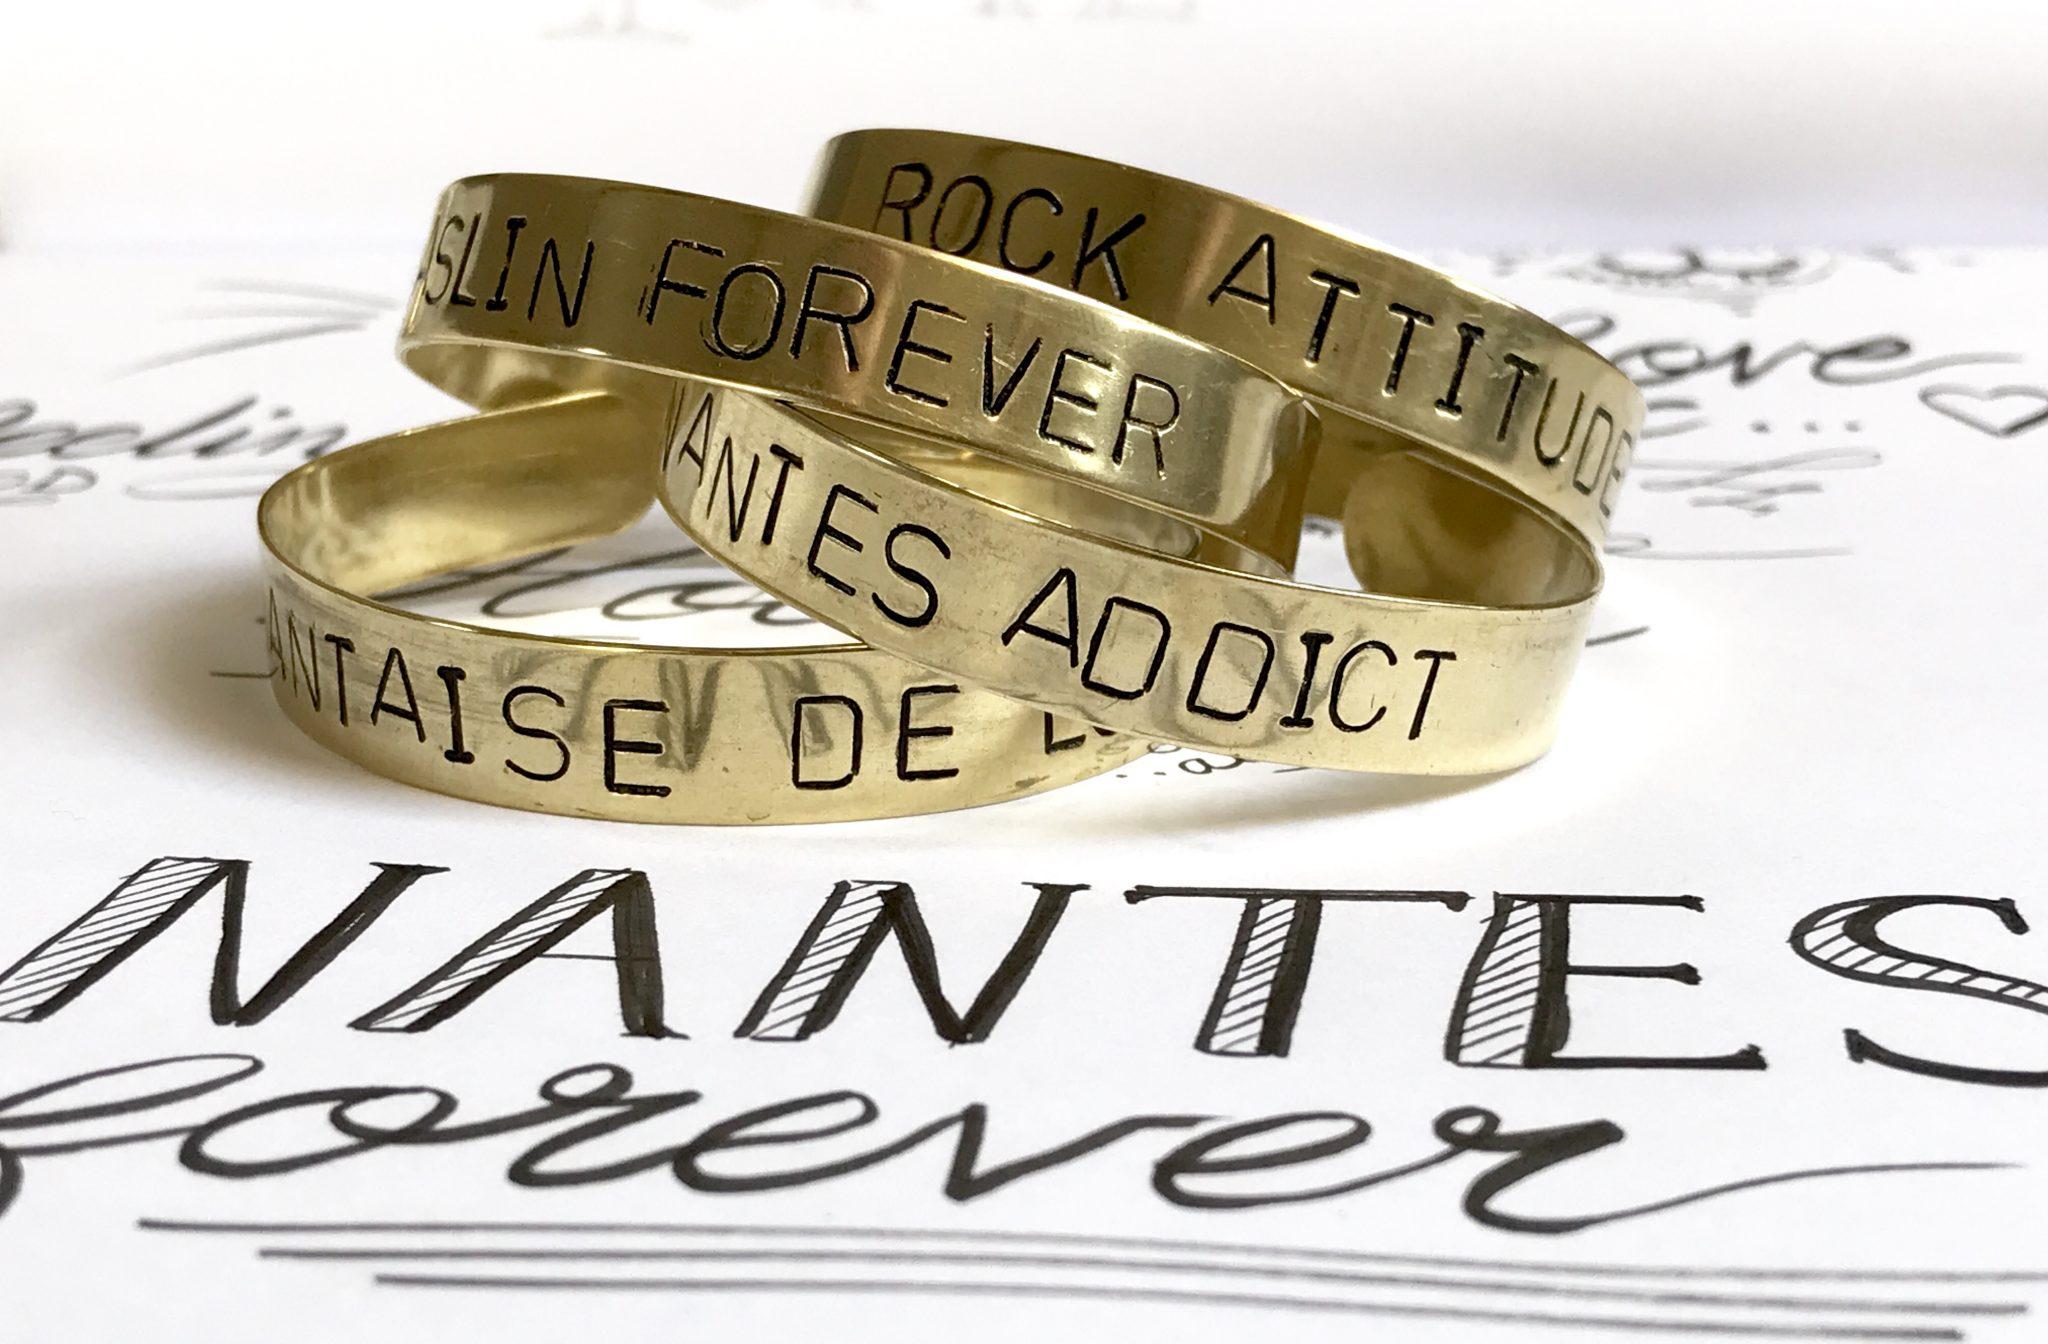 Les bracelets Jolie Factory